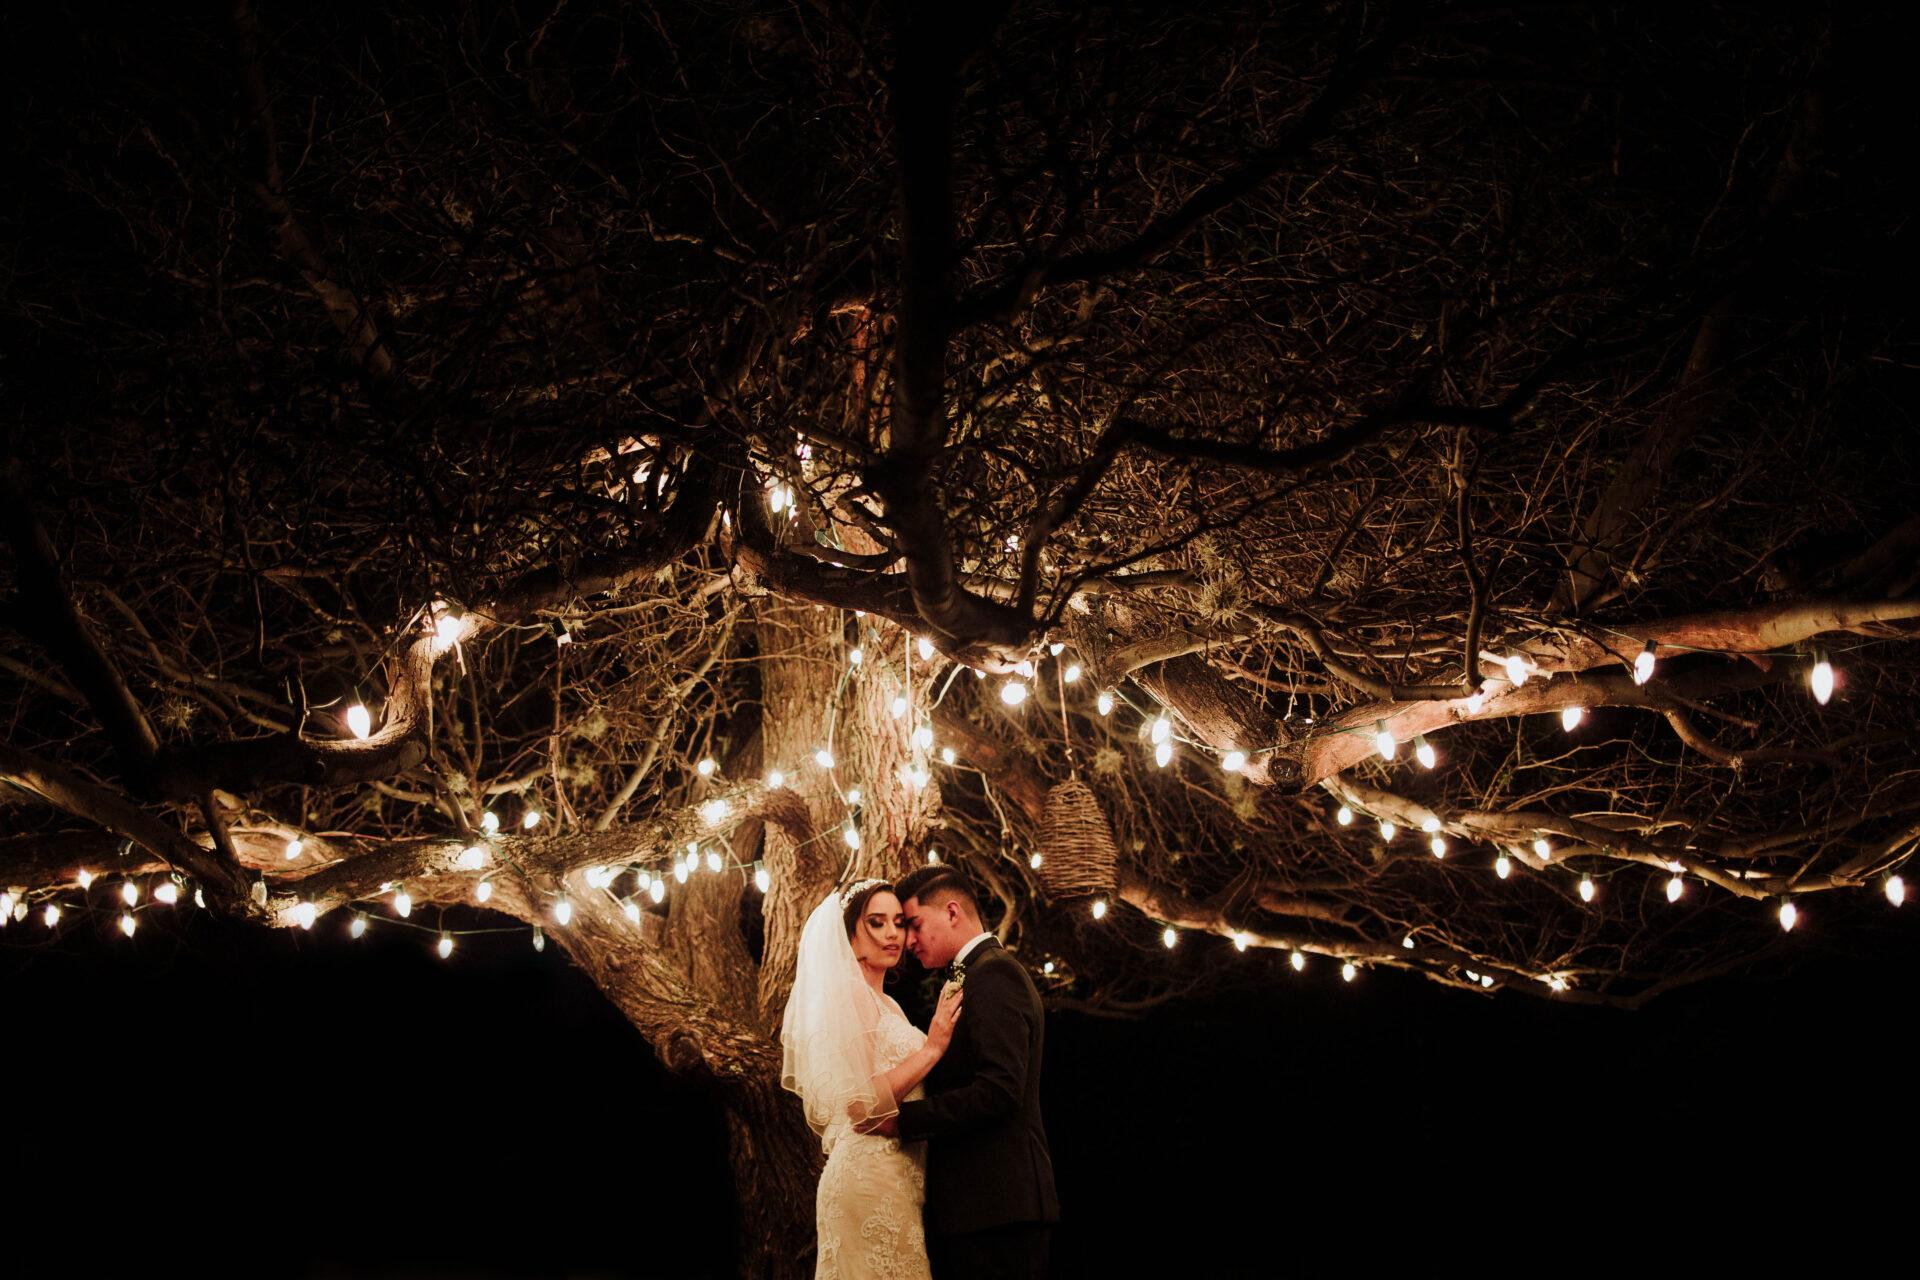 javier_noriega_fotografo_Boda_san_ramon_zacatecas_wedding_photographer15